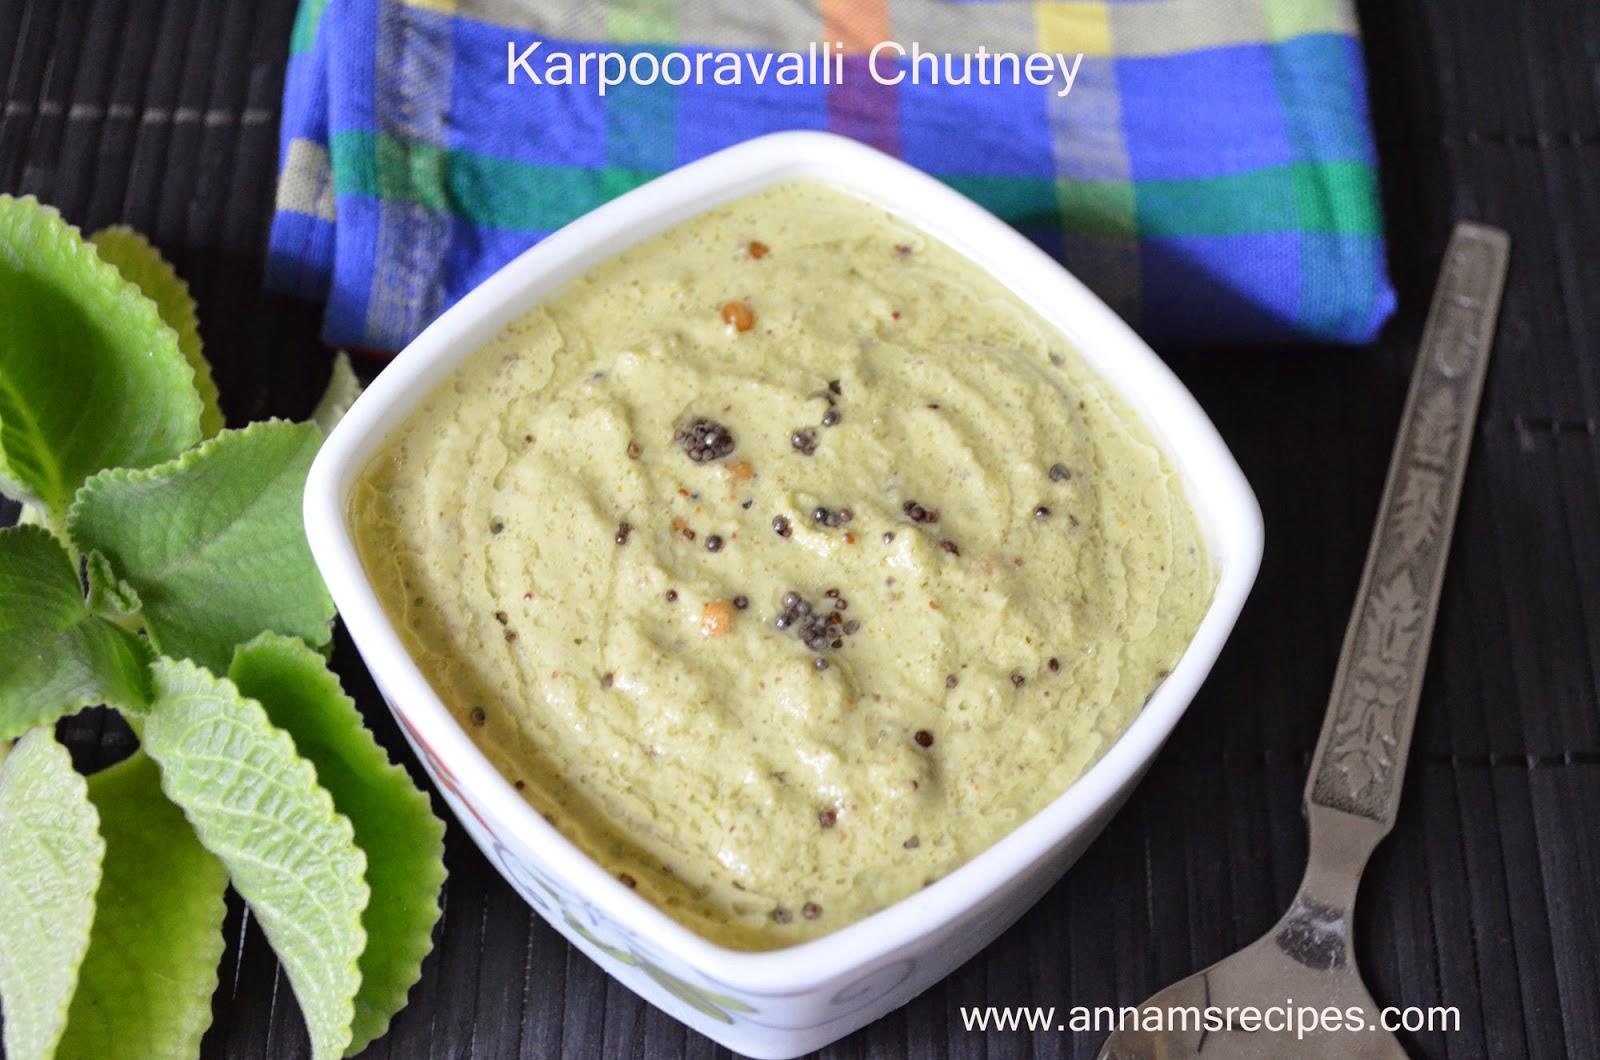 Karpooravalli Chutney